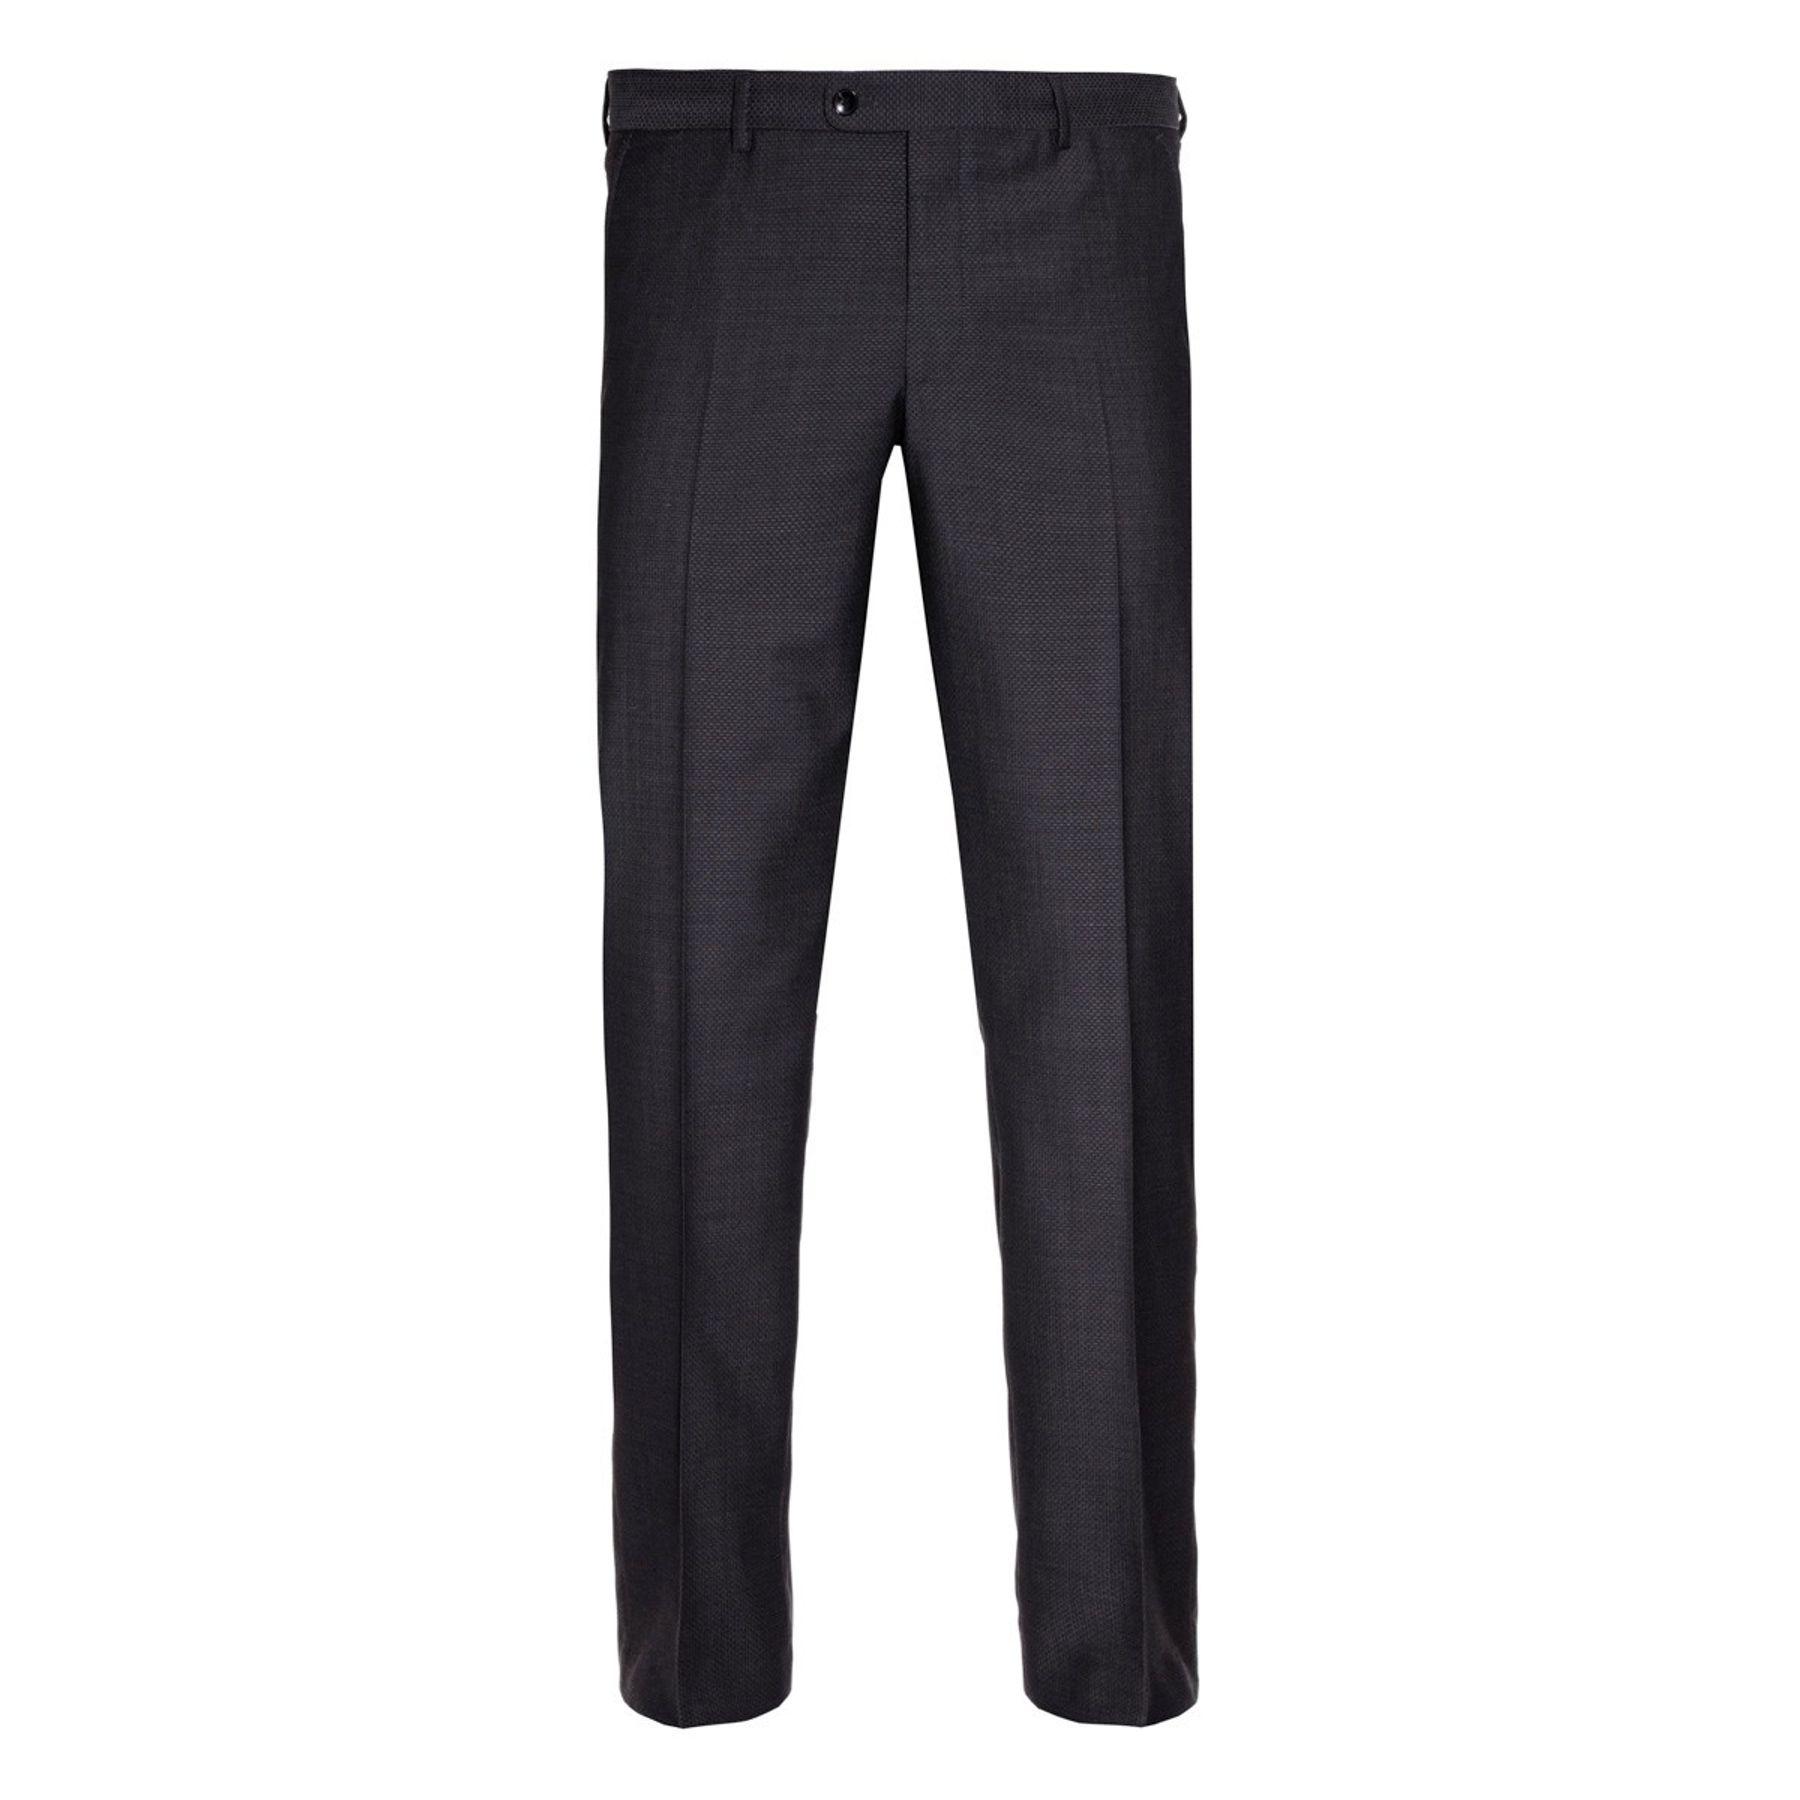 Benvenuto Black - Modern Fit - Herren Anzug aus Super 100'S Schurwolle (Artikel: 20807) – Bild 3